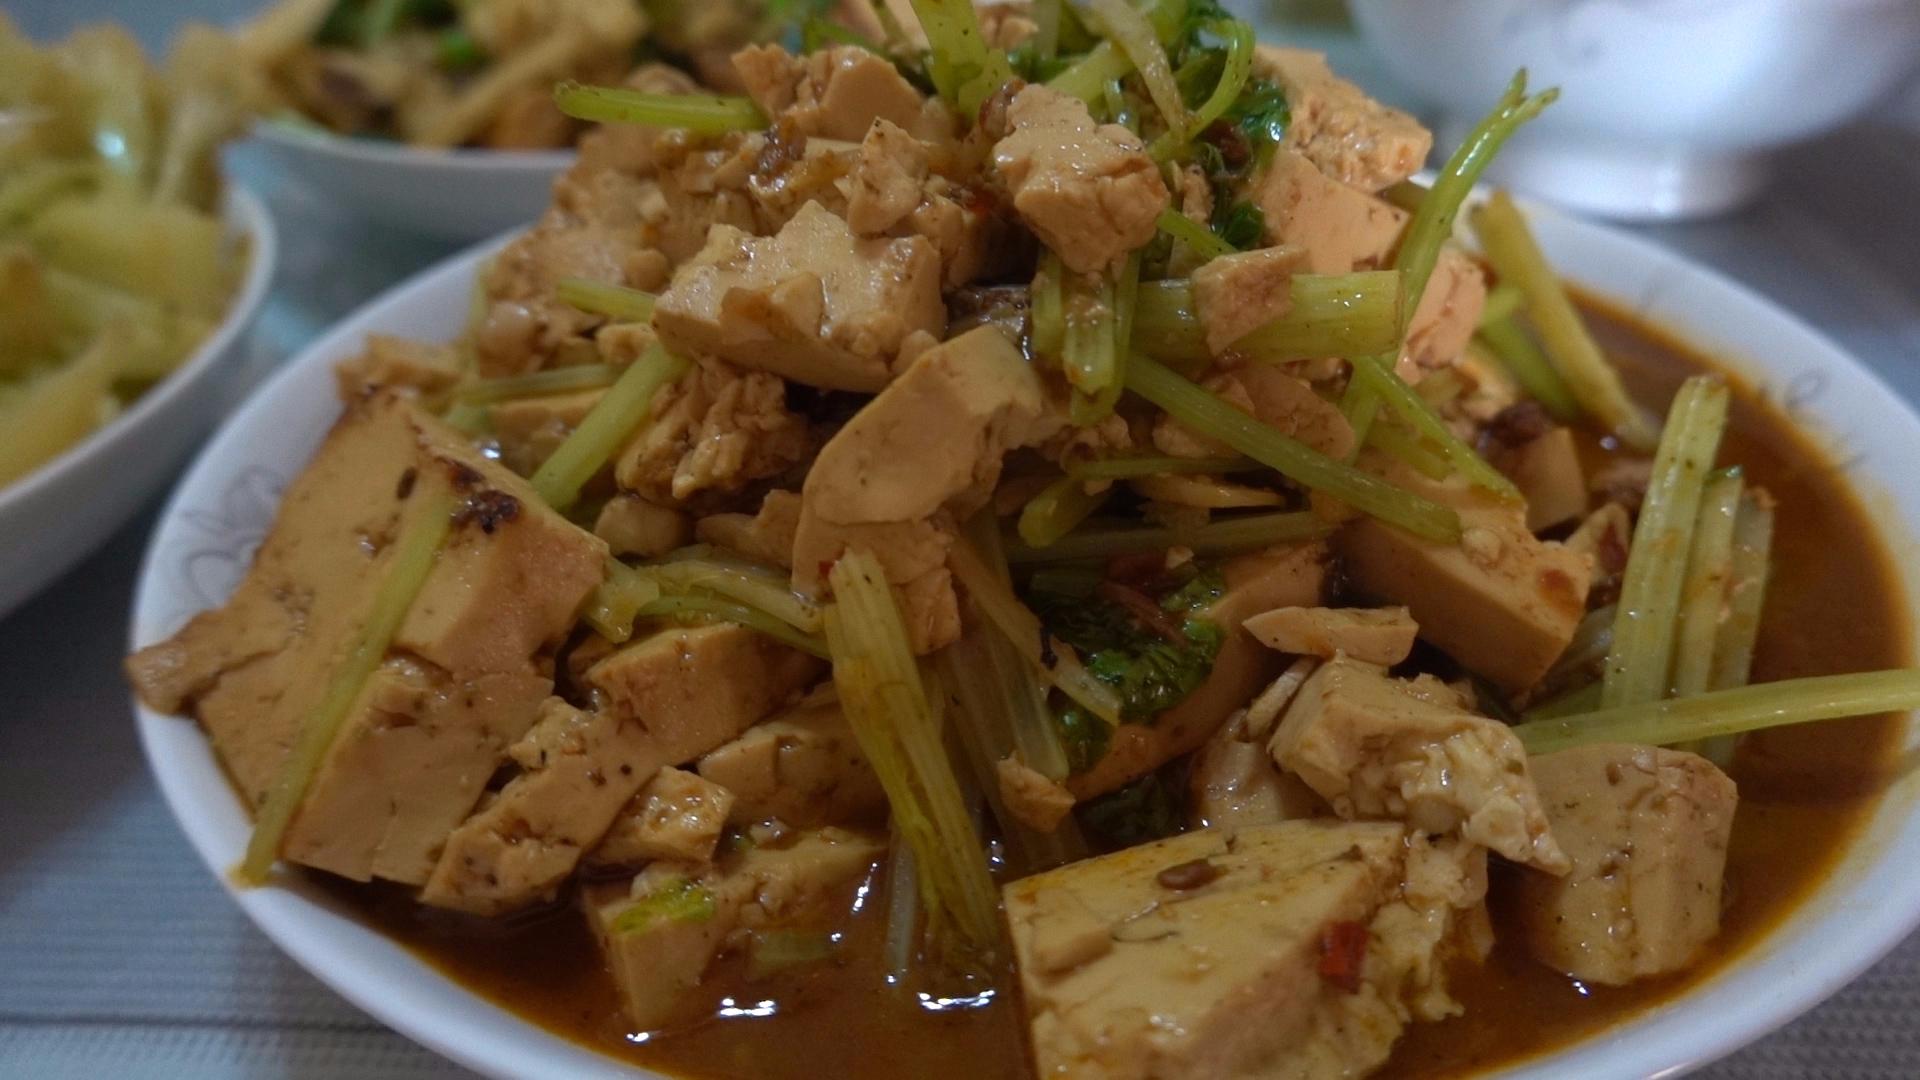 【老司马的日常食堂】暴热的中午,司马有气无力的给家人做真爱午饭